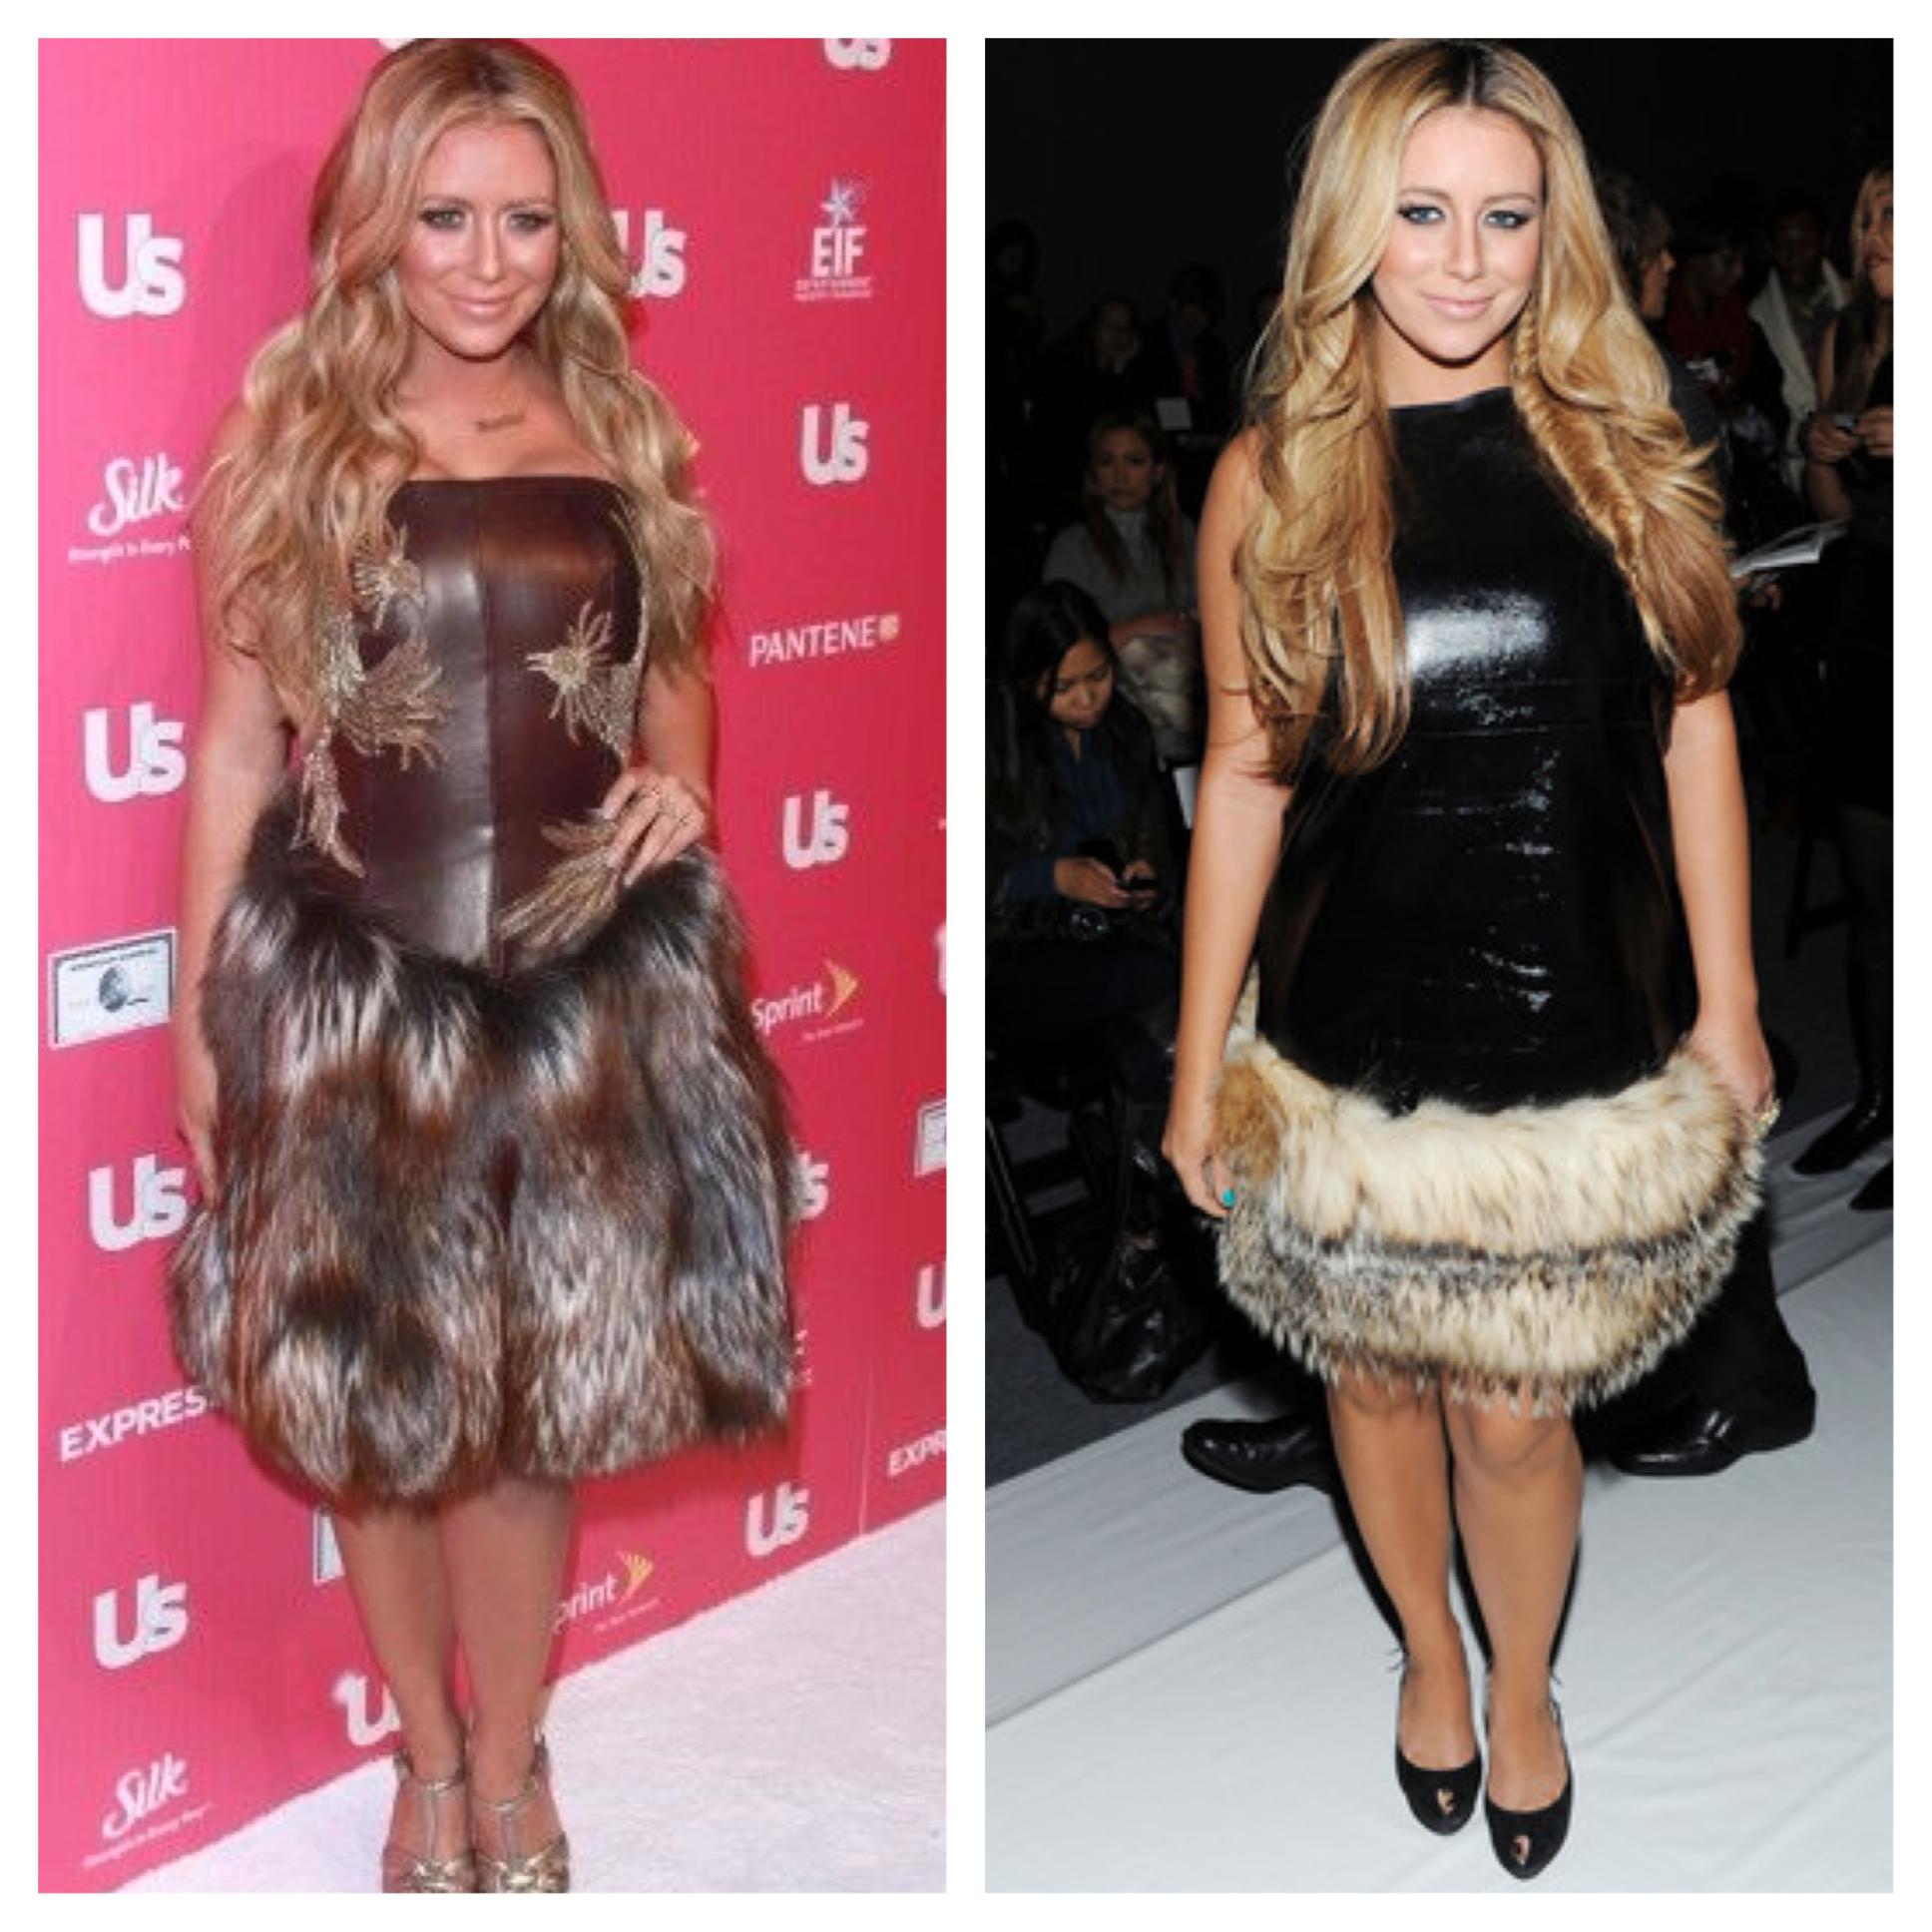 Singer Aubrey O'Day loves to rock fur-trimmed dresses